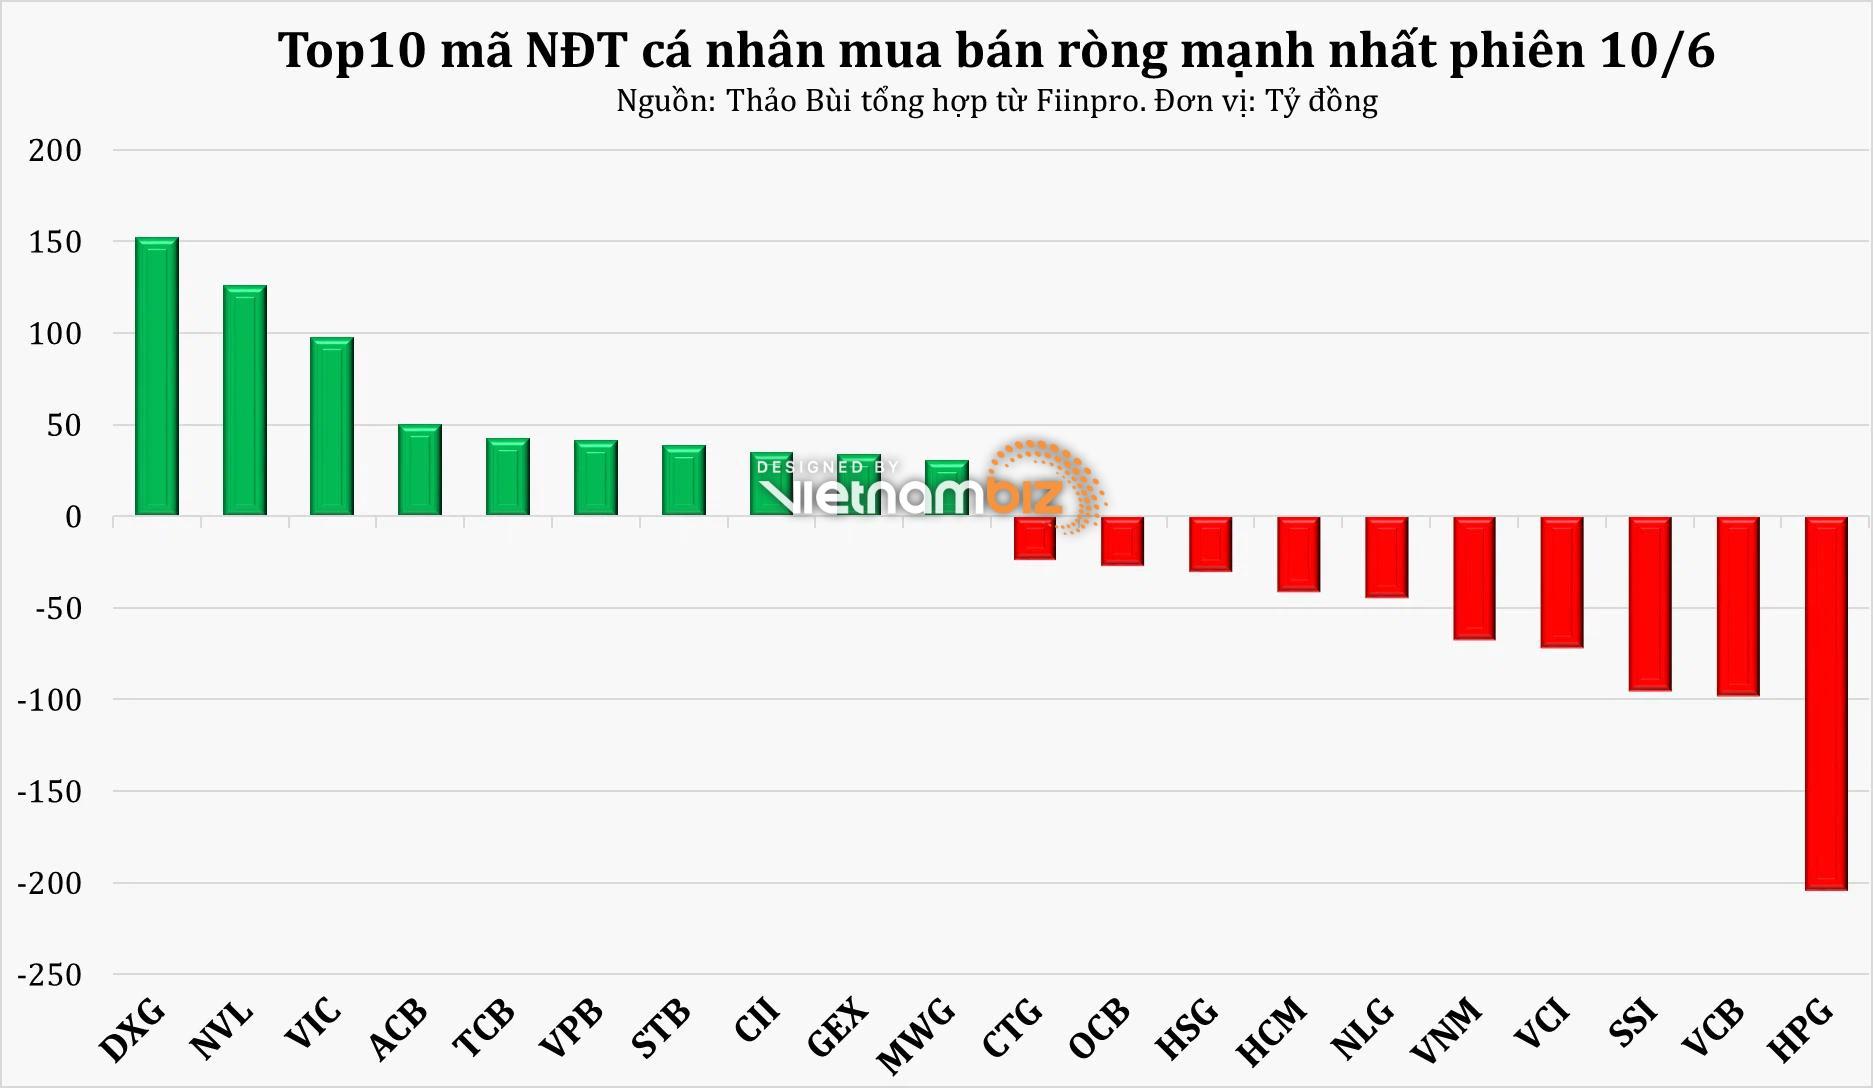 Phiên 10/6: Lực cầu thận trọng trong phiên VN-Index điều chỉnh, NĐT cá nhân mua ròng 18 tỷ đồng - Ảnh 3.